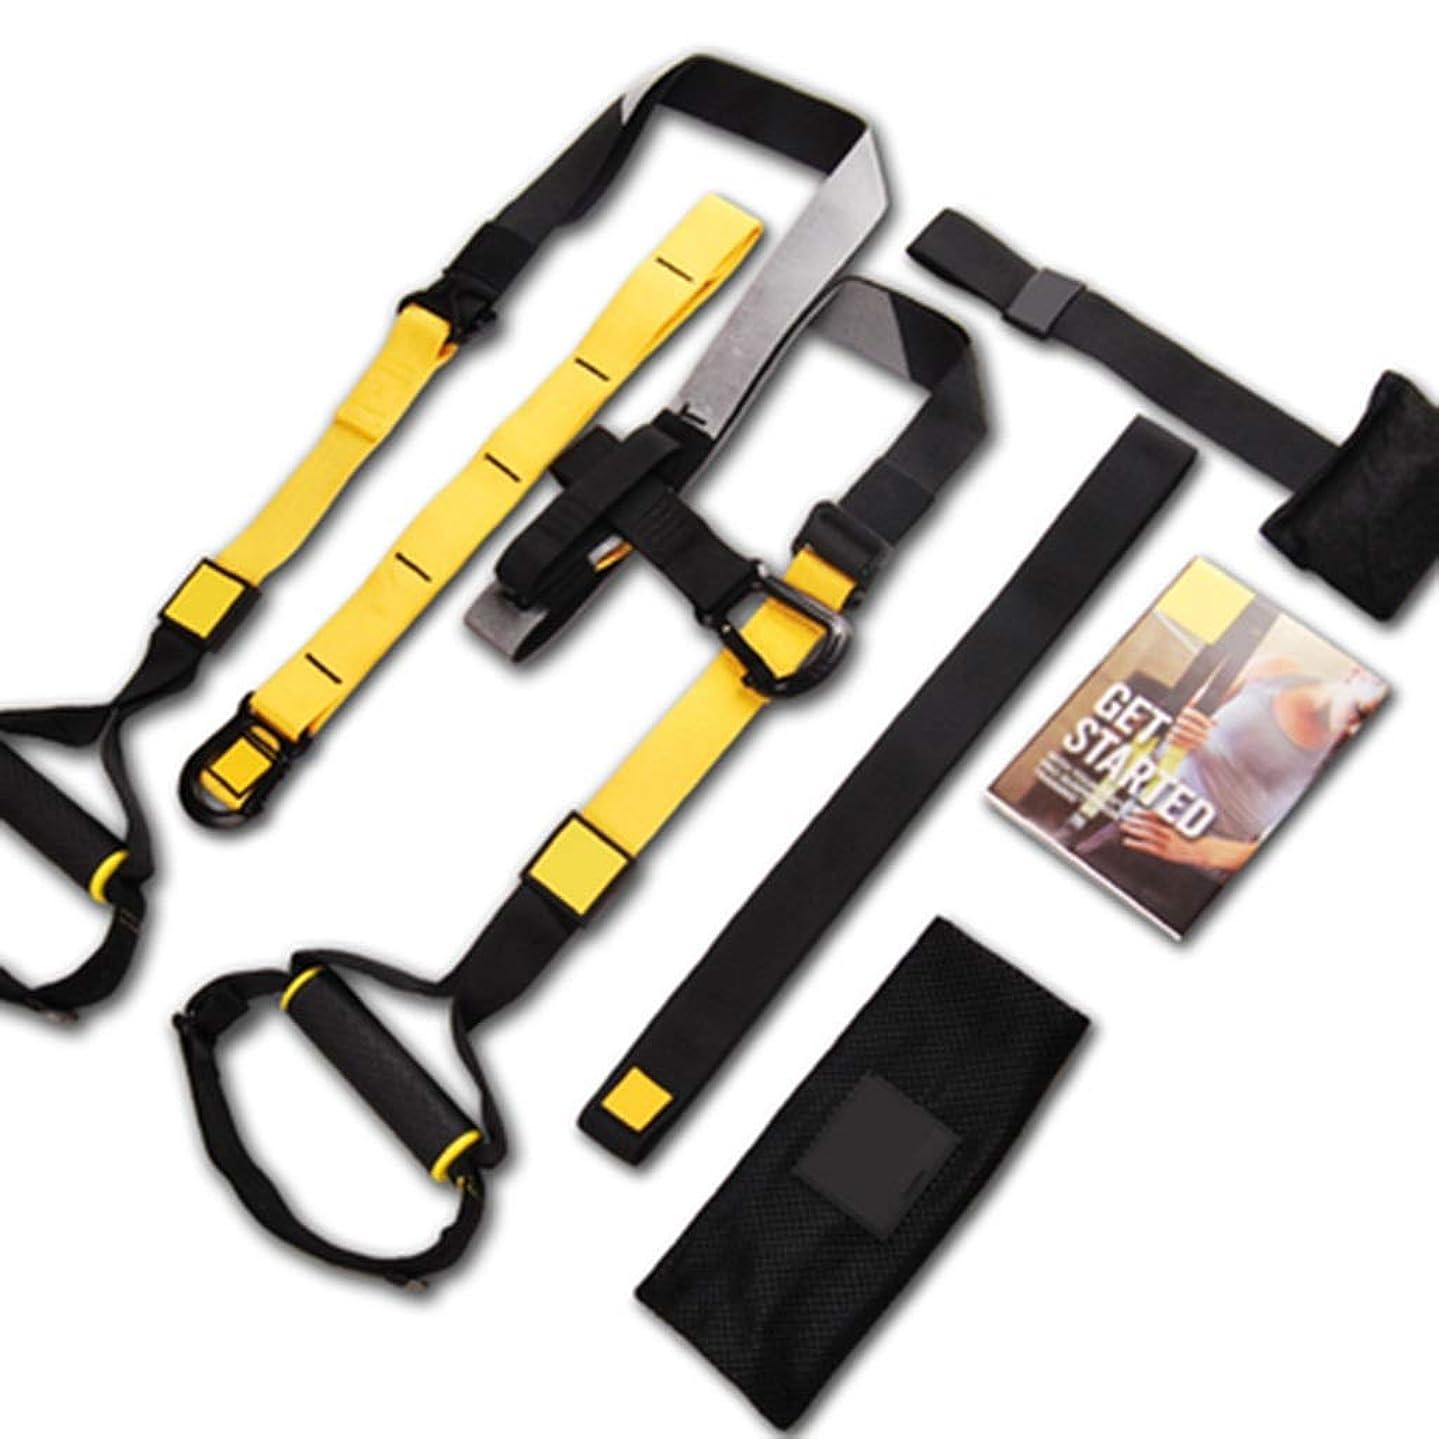 温帯ウェイトレスアルネ吊り下げトレーニングベルトP7プルロープジム専用フィットネス機器 (色 : Suspension belt)